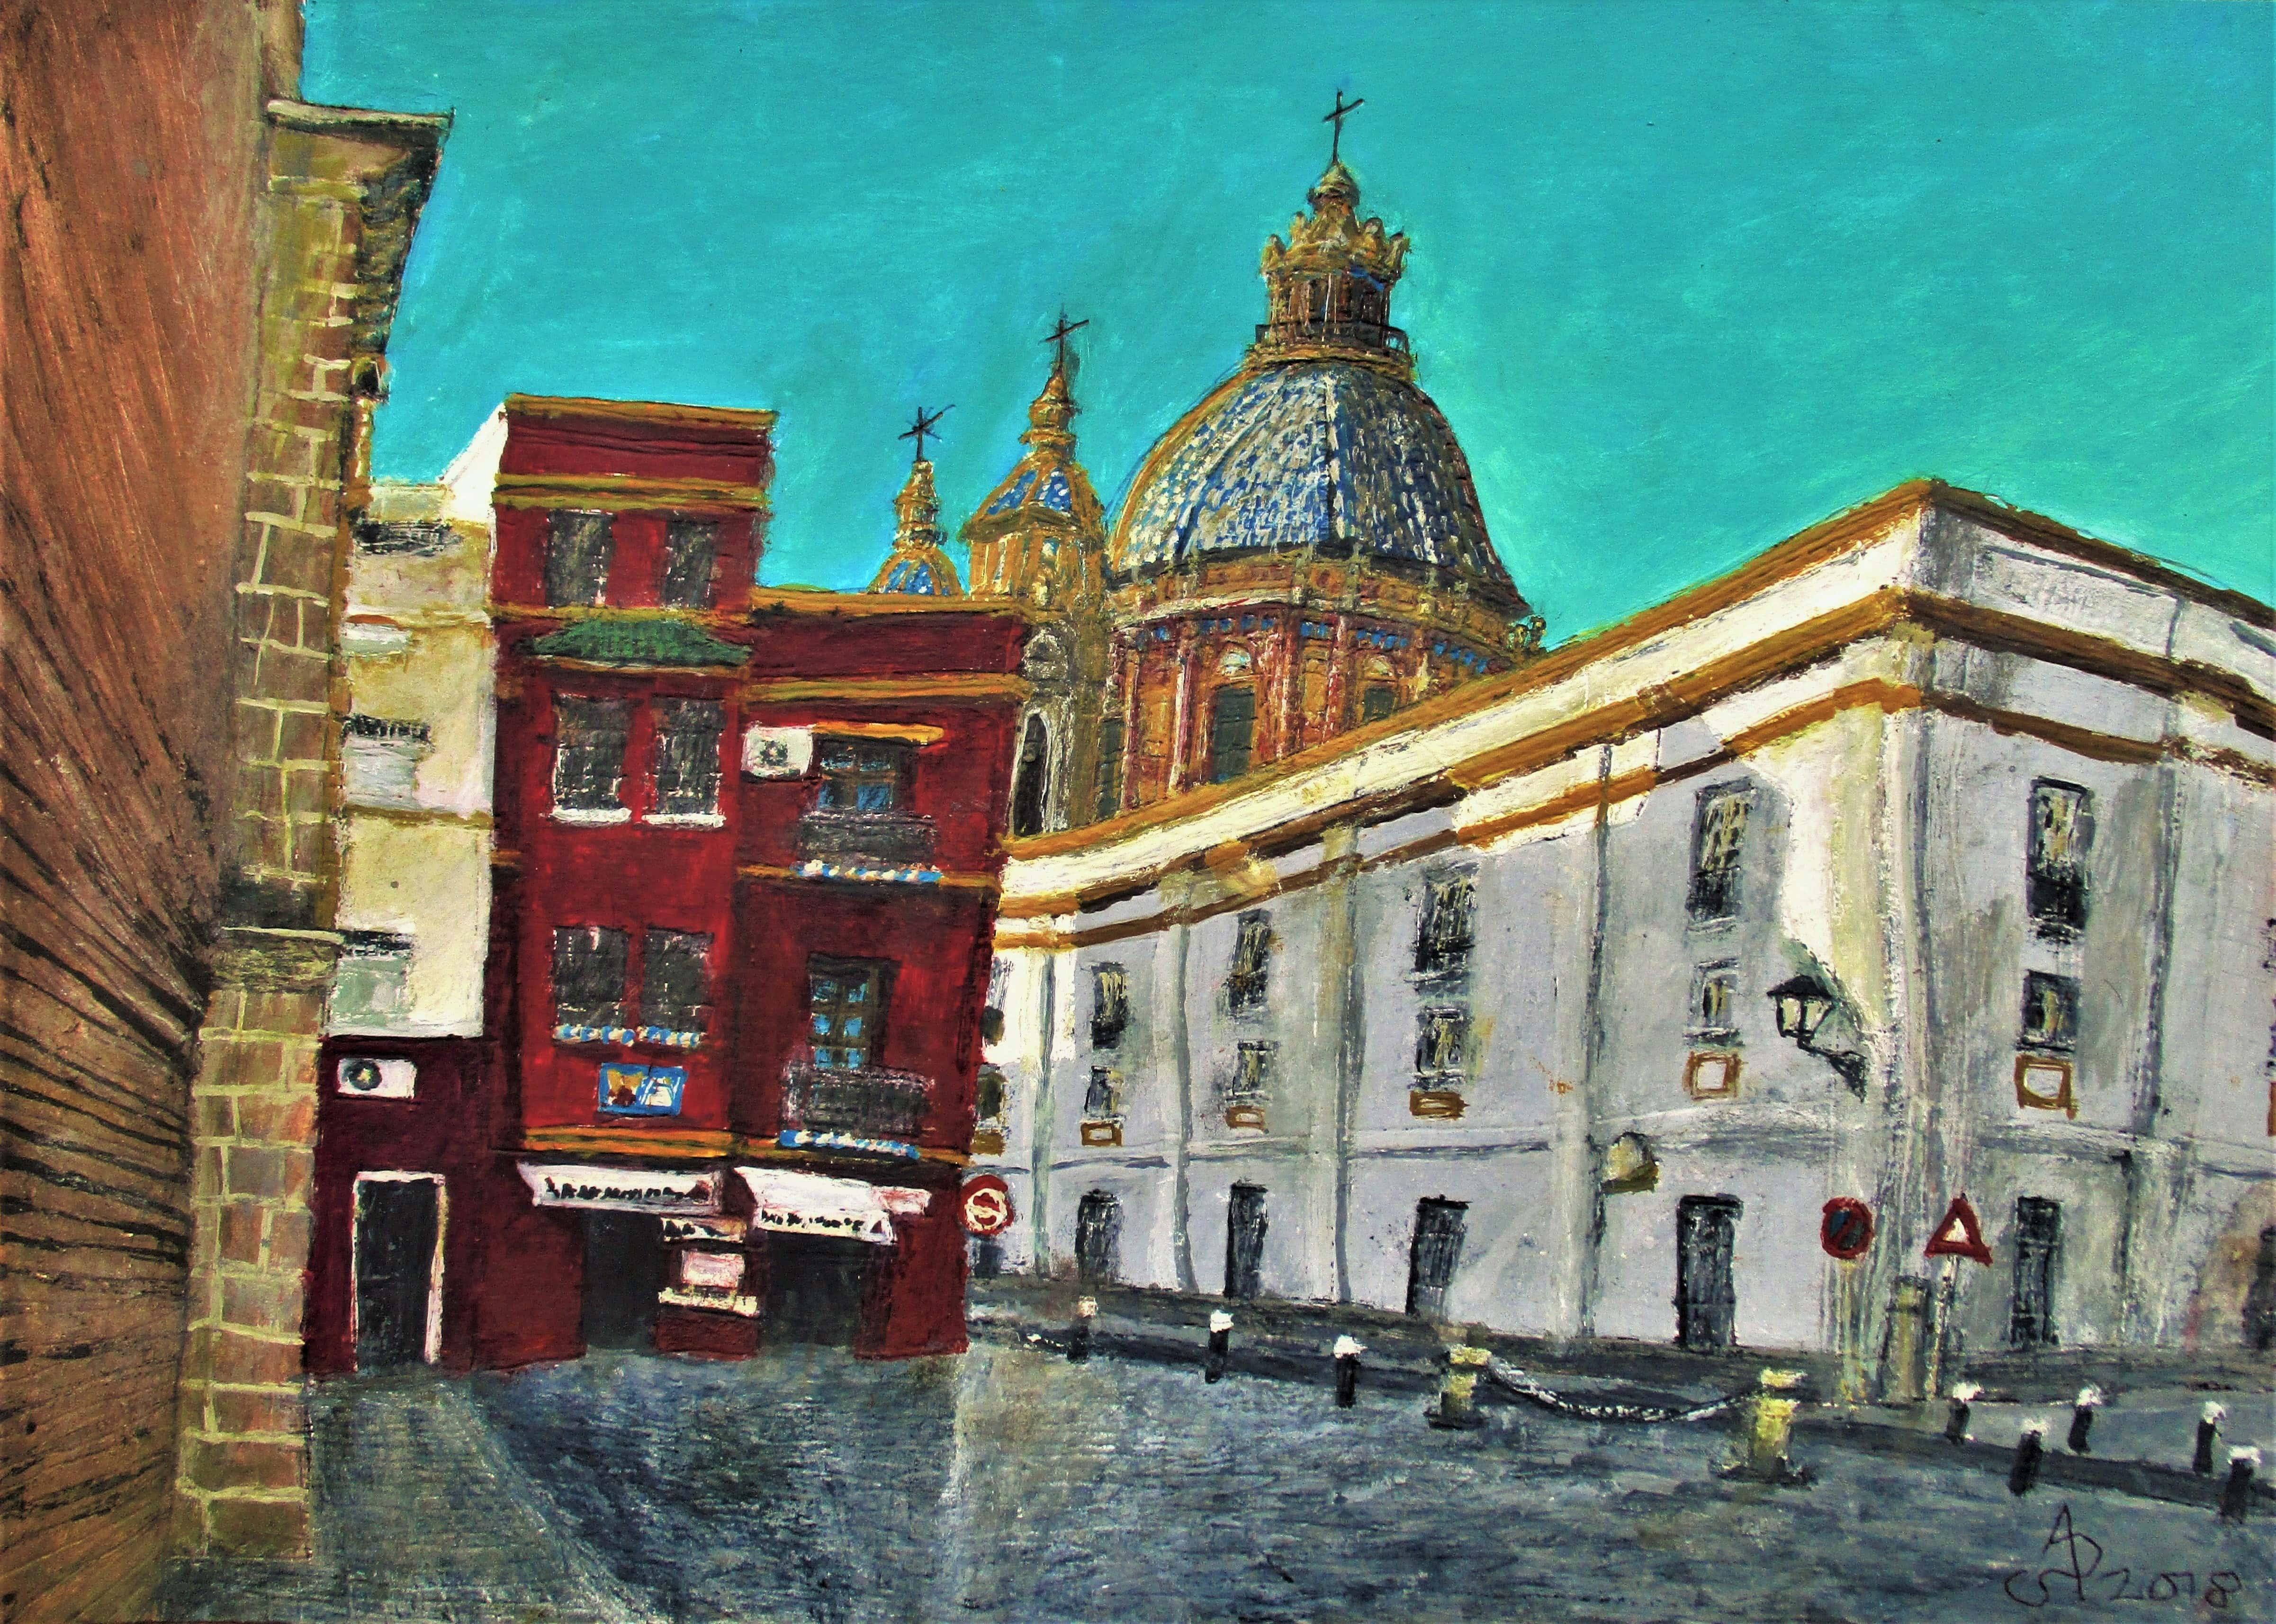 Sevilla. San Luis de los Franceses vista desde la plaza de Santa Marina. Tinta, acuarela y acrílico sobre papel, 30 x 42 cm. 2018.